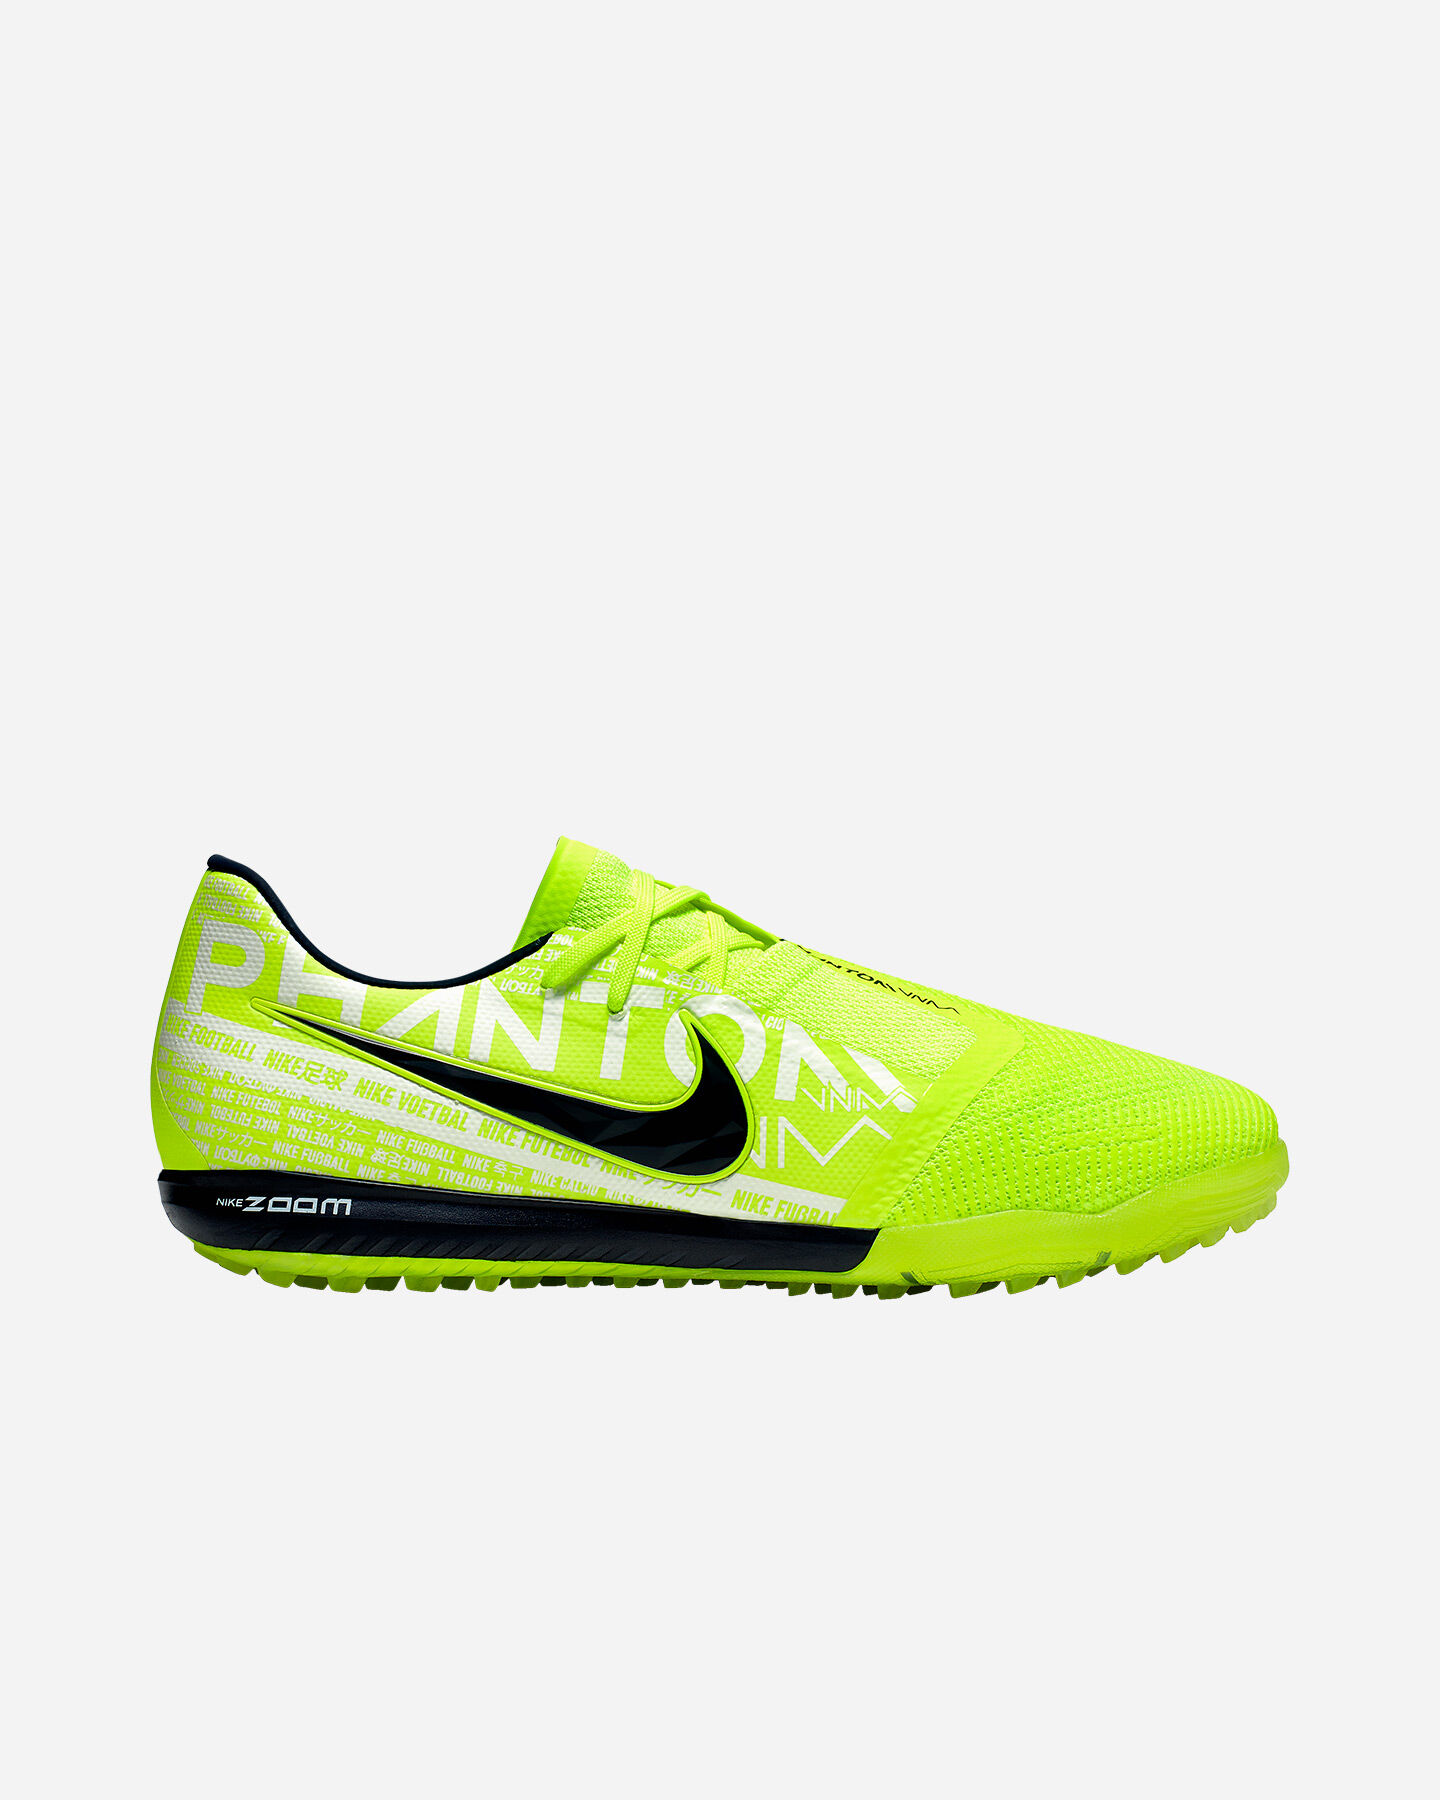 Scarpe calcio e scarpette da calcetto da uomo | Cisalfa Sport